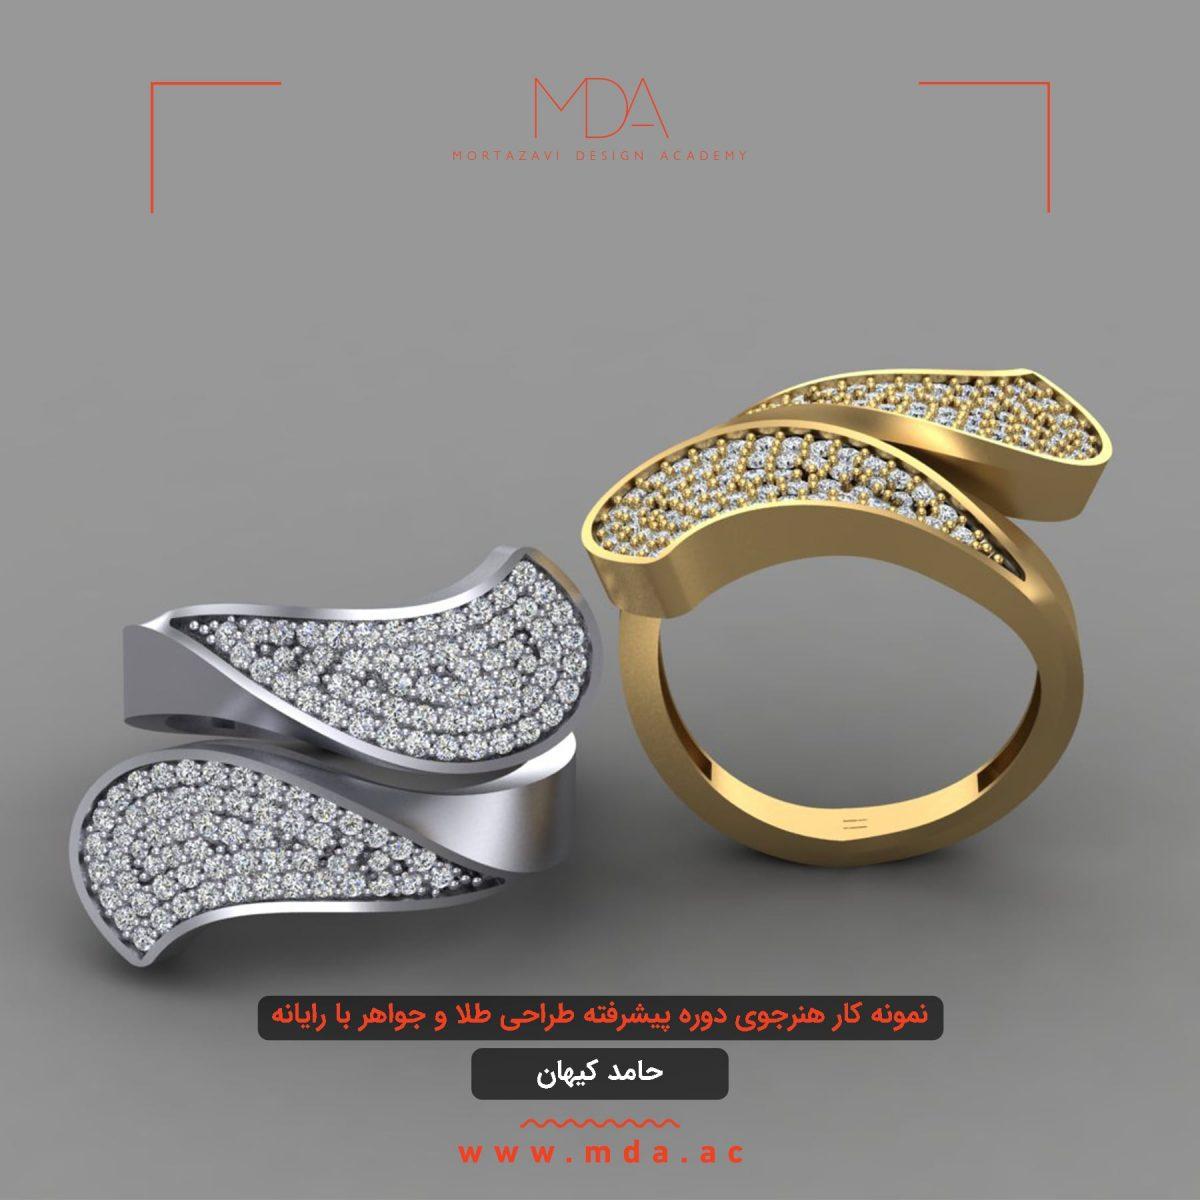 طراحی طلا و جواهر,آموزش نرم افزار ماتریکس,آموزش طراحی طلا و جواهر